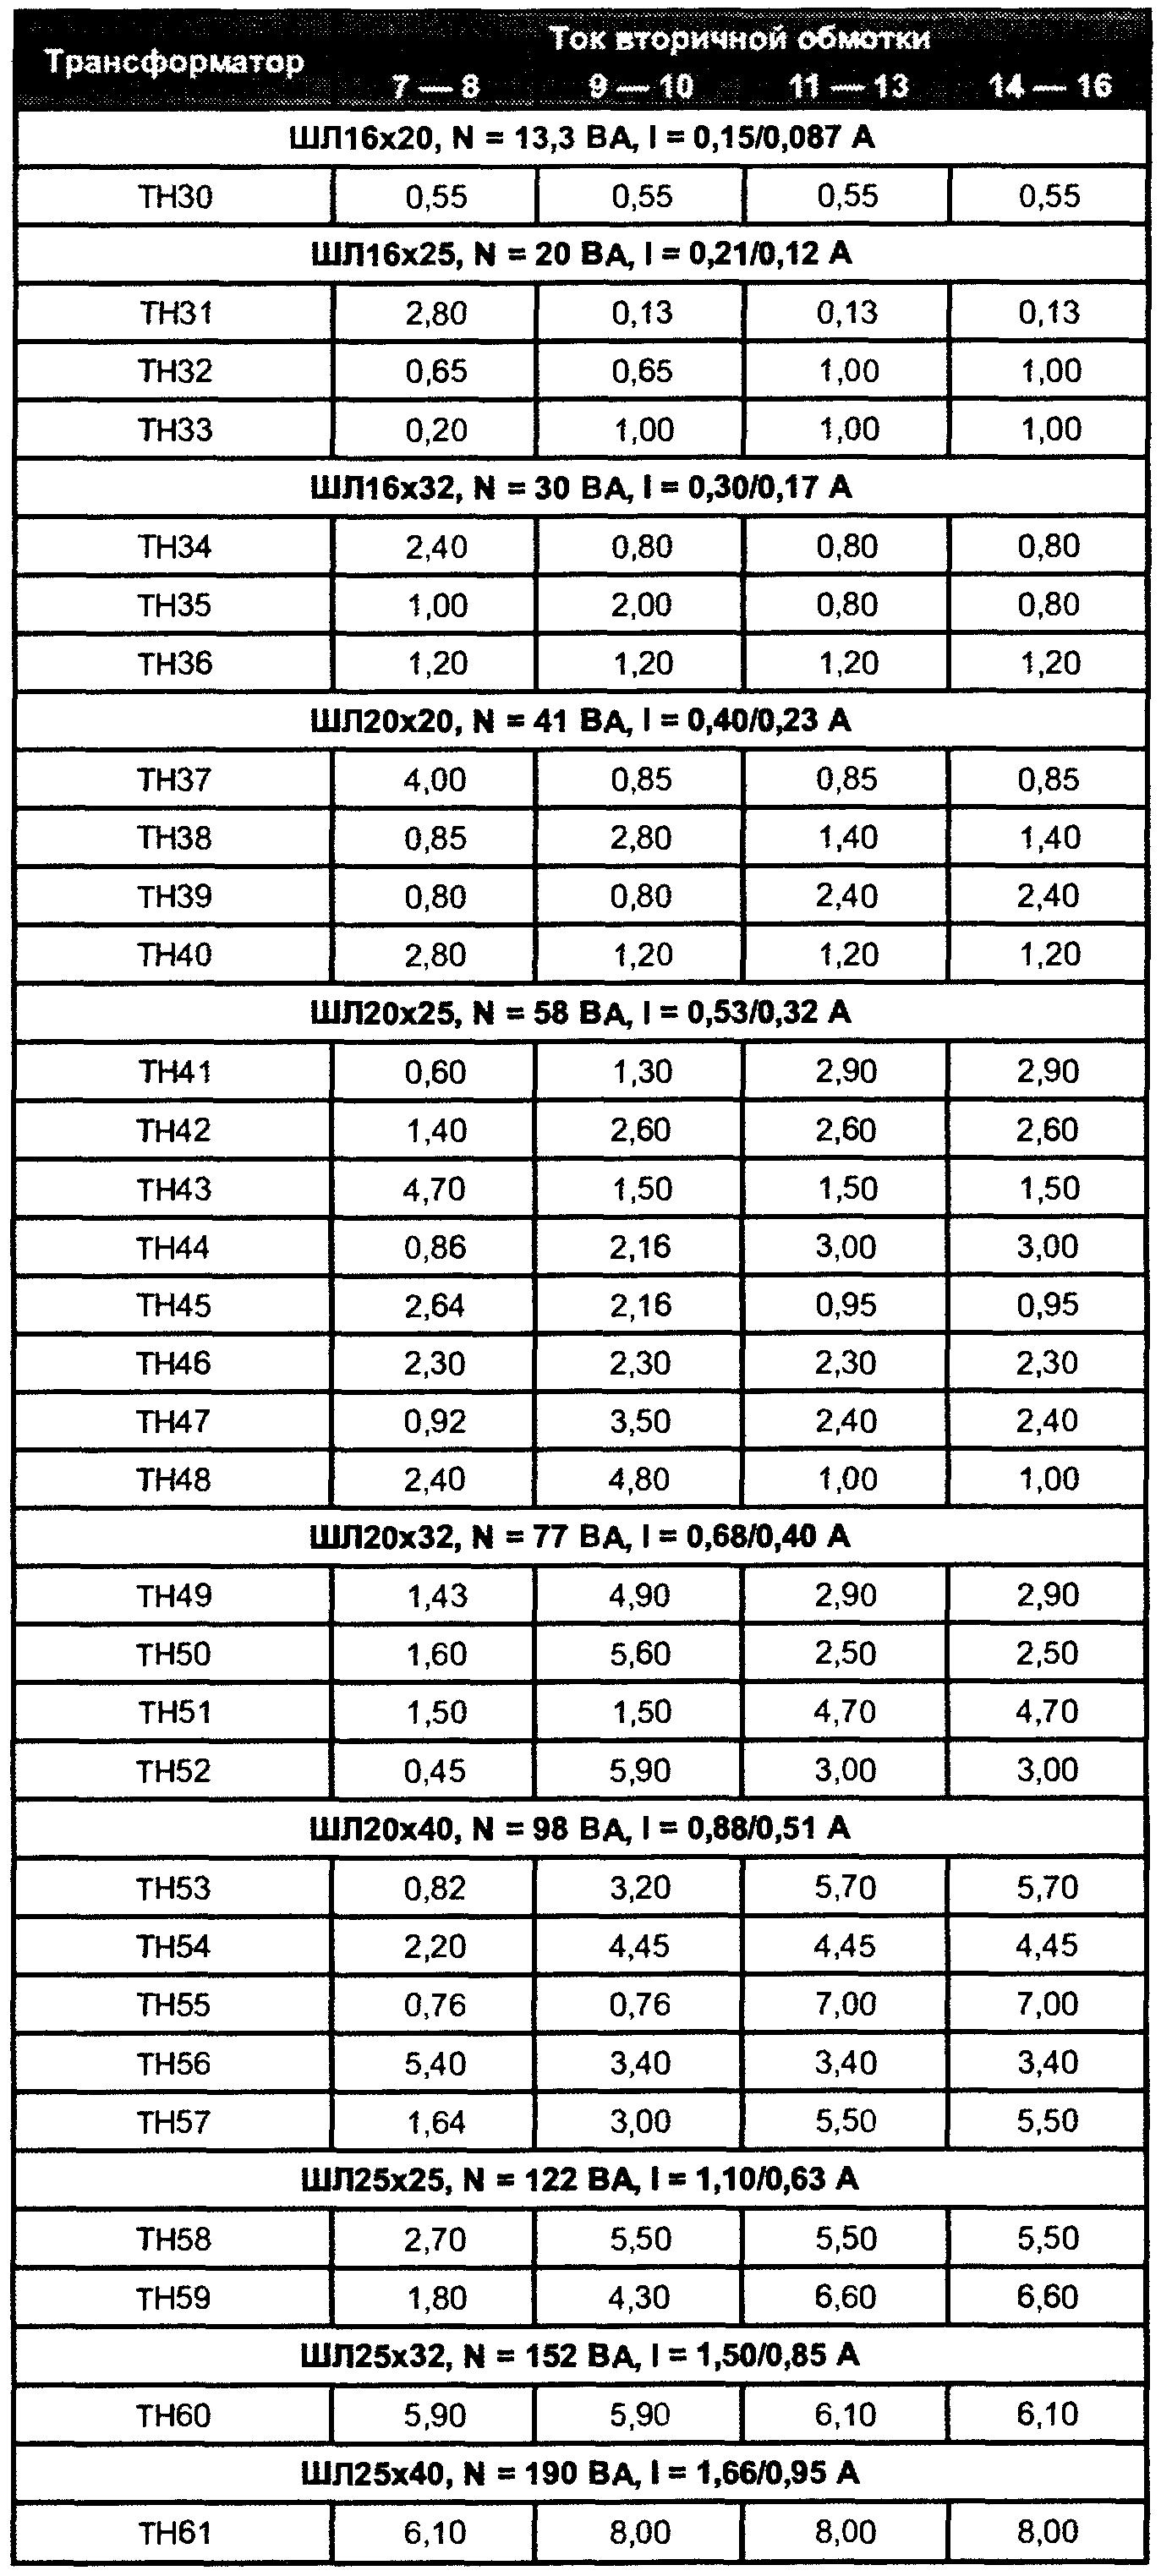 трансформаторы ТН-трансформаторы напряжения